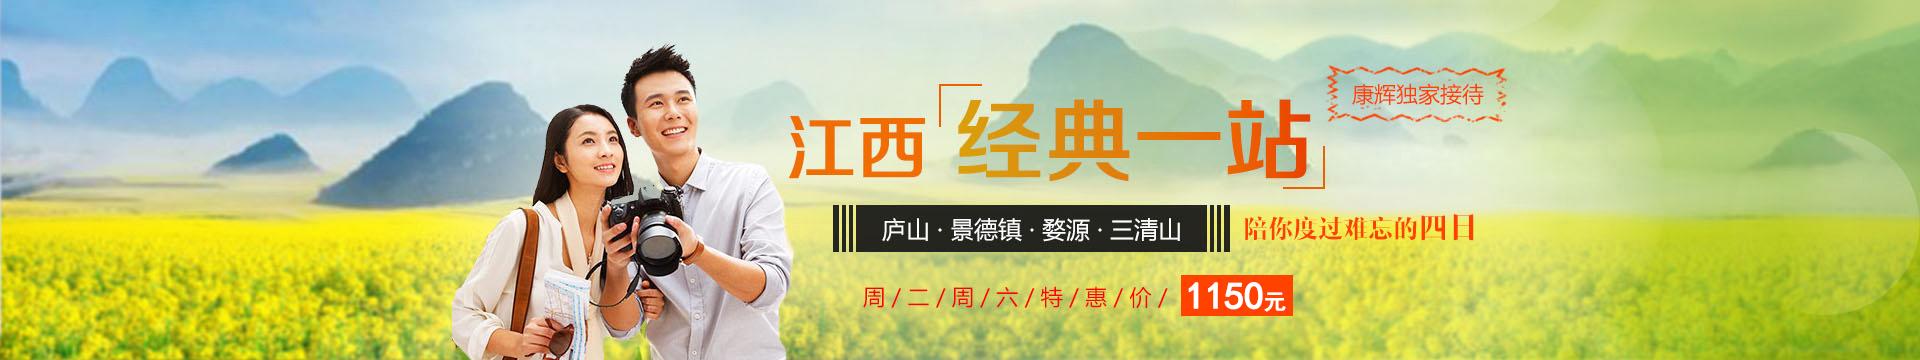 周边频道江西游广告